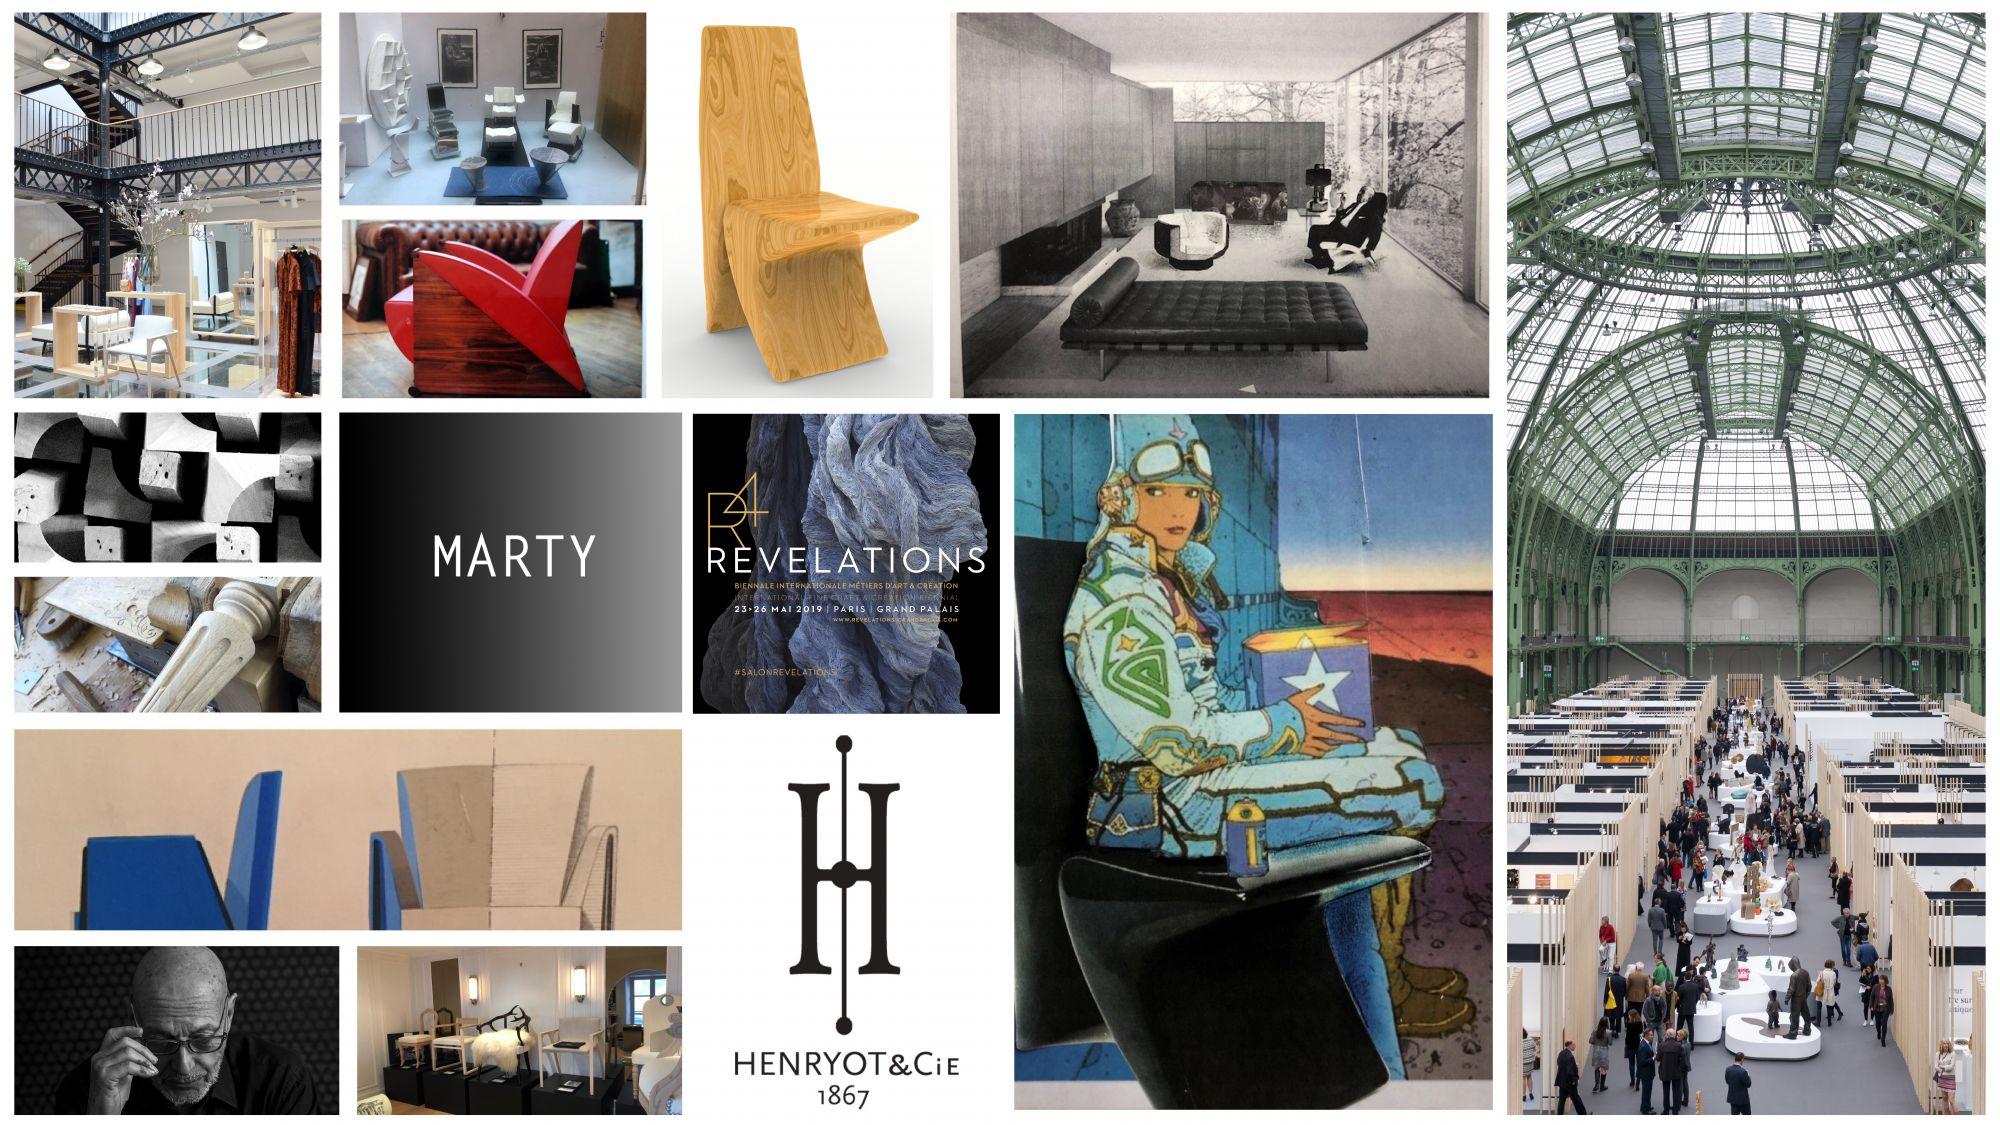 Henryot et cie salon révélation 2019 création design mobilier MARTY MHC